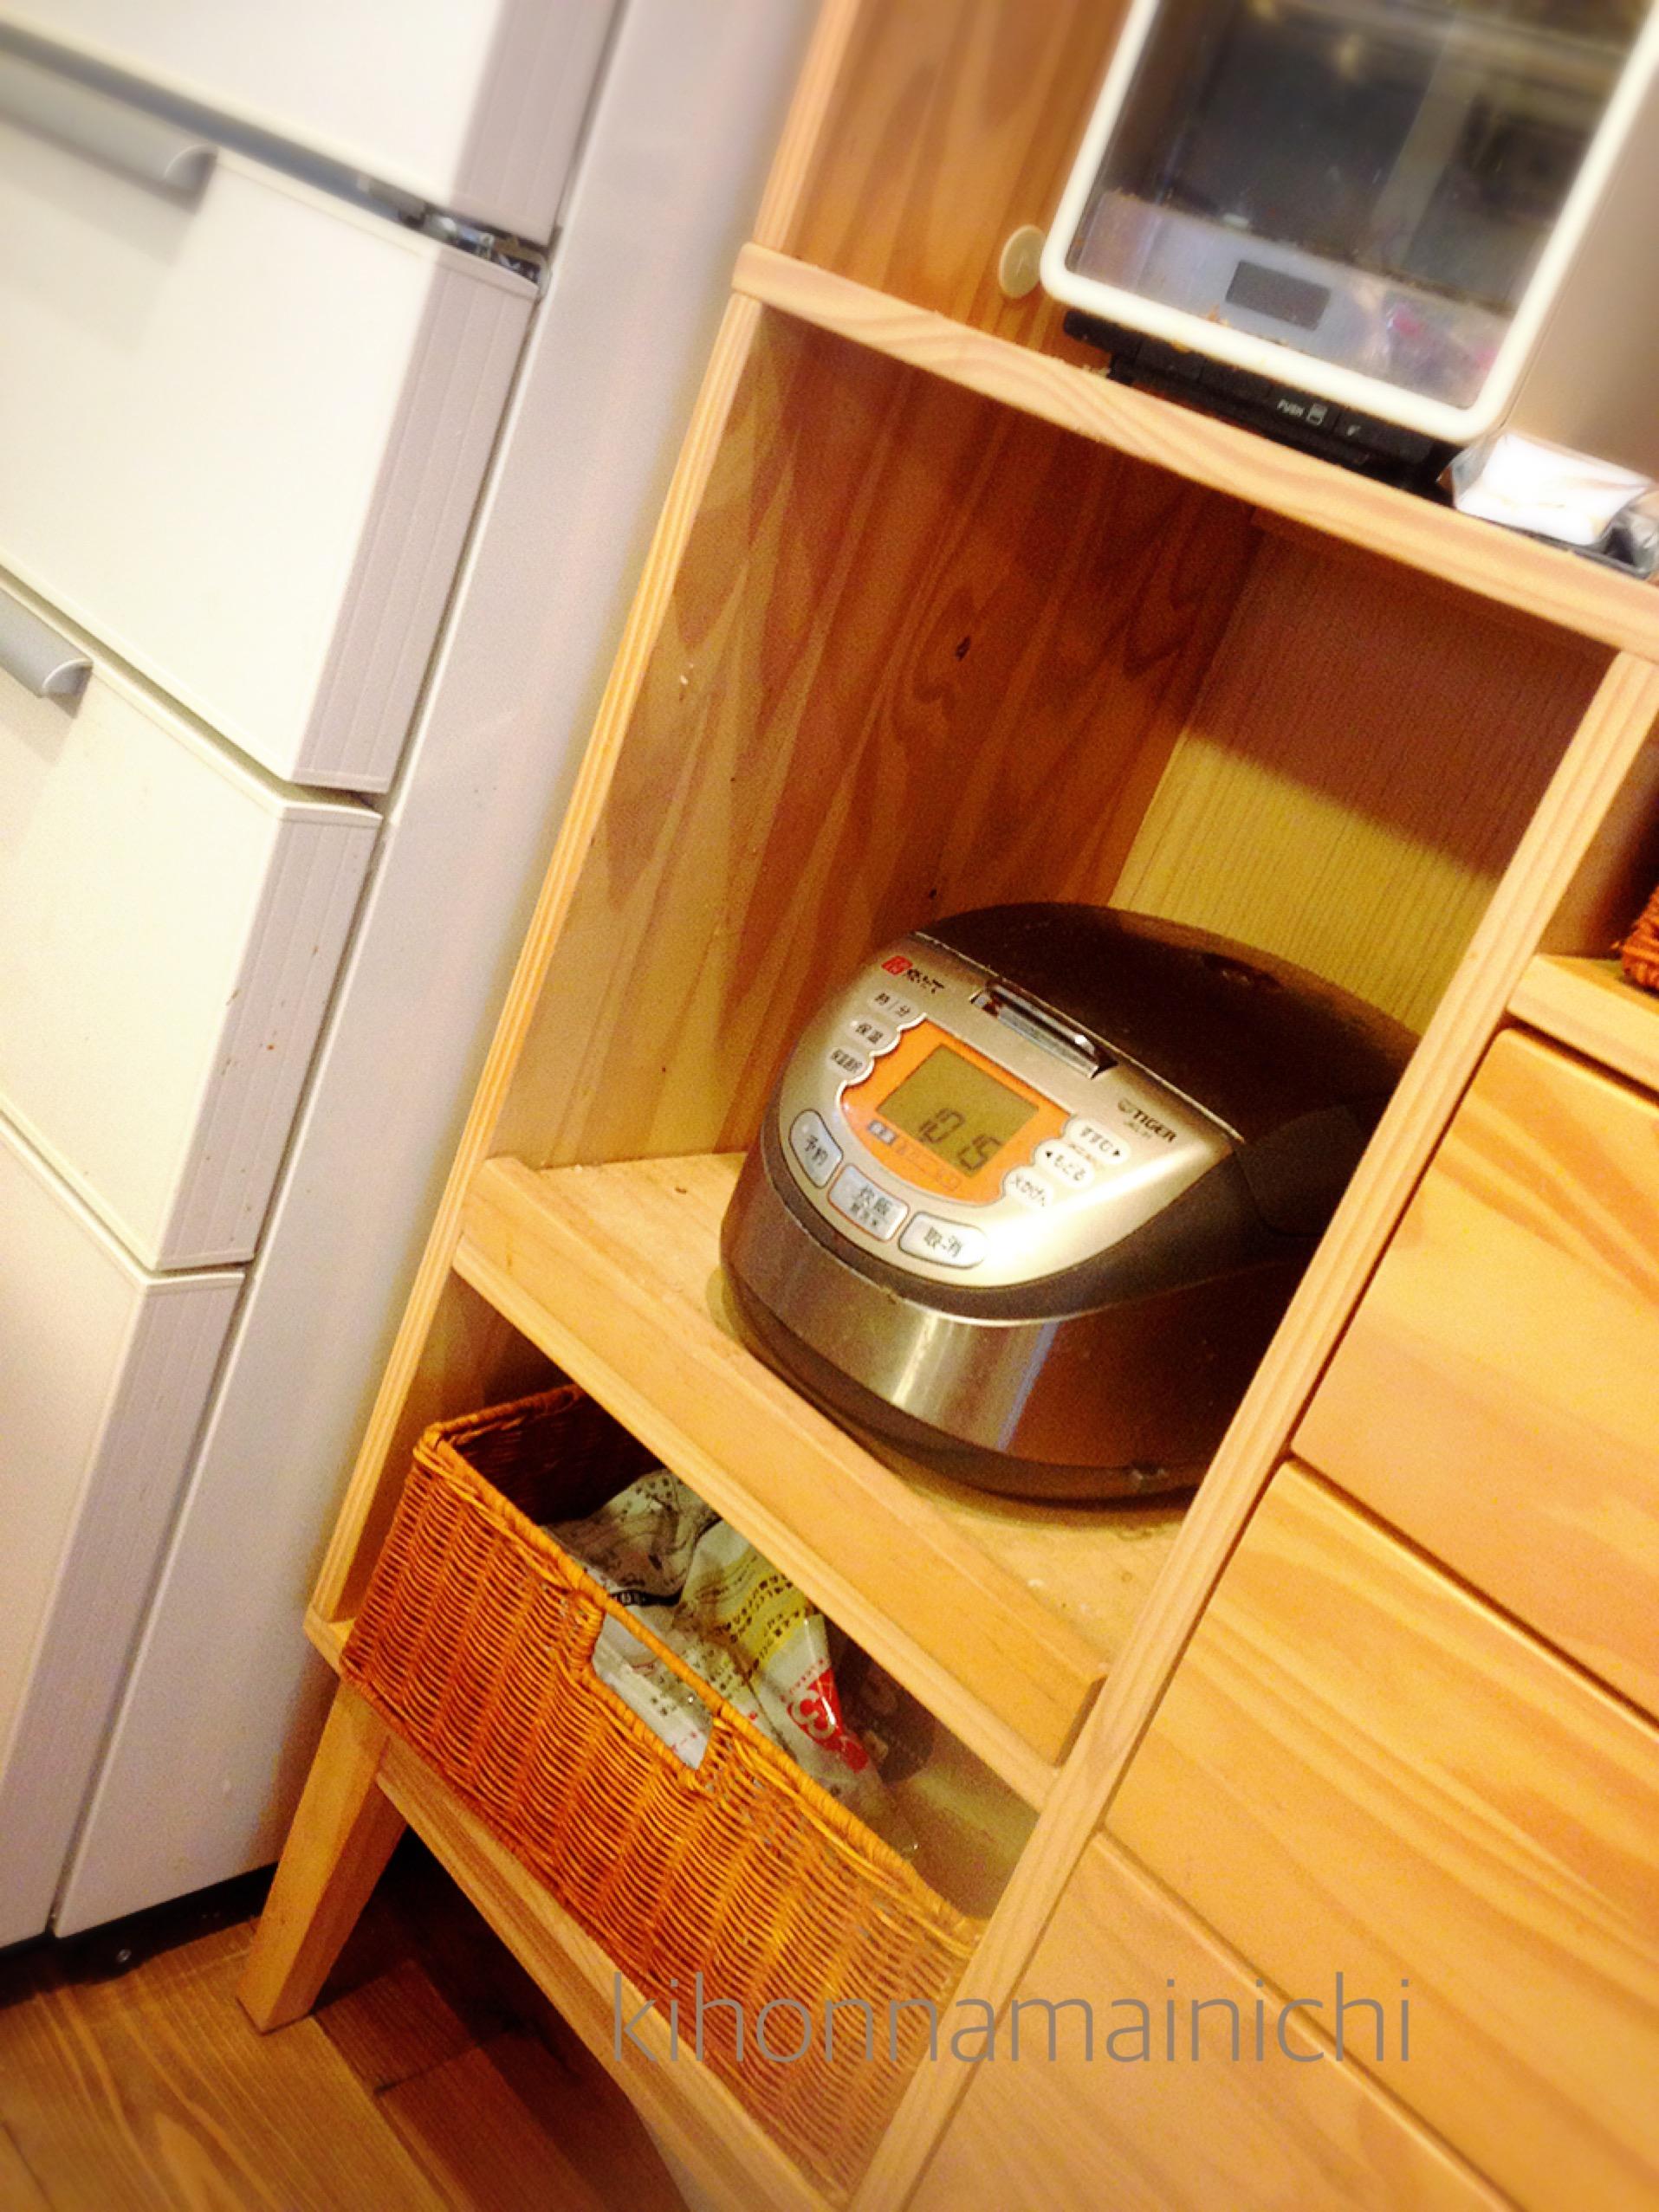 オール電化でも土鍋でごはん生活を過ごしてみたーい。そんな時に欲しい土鍋はこちらっ!